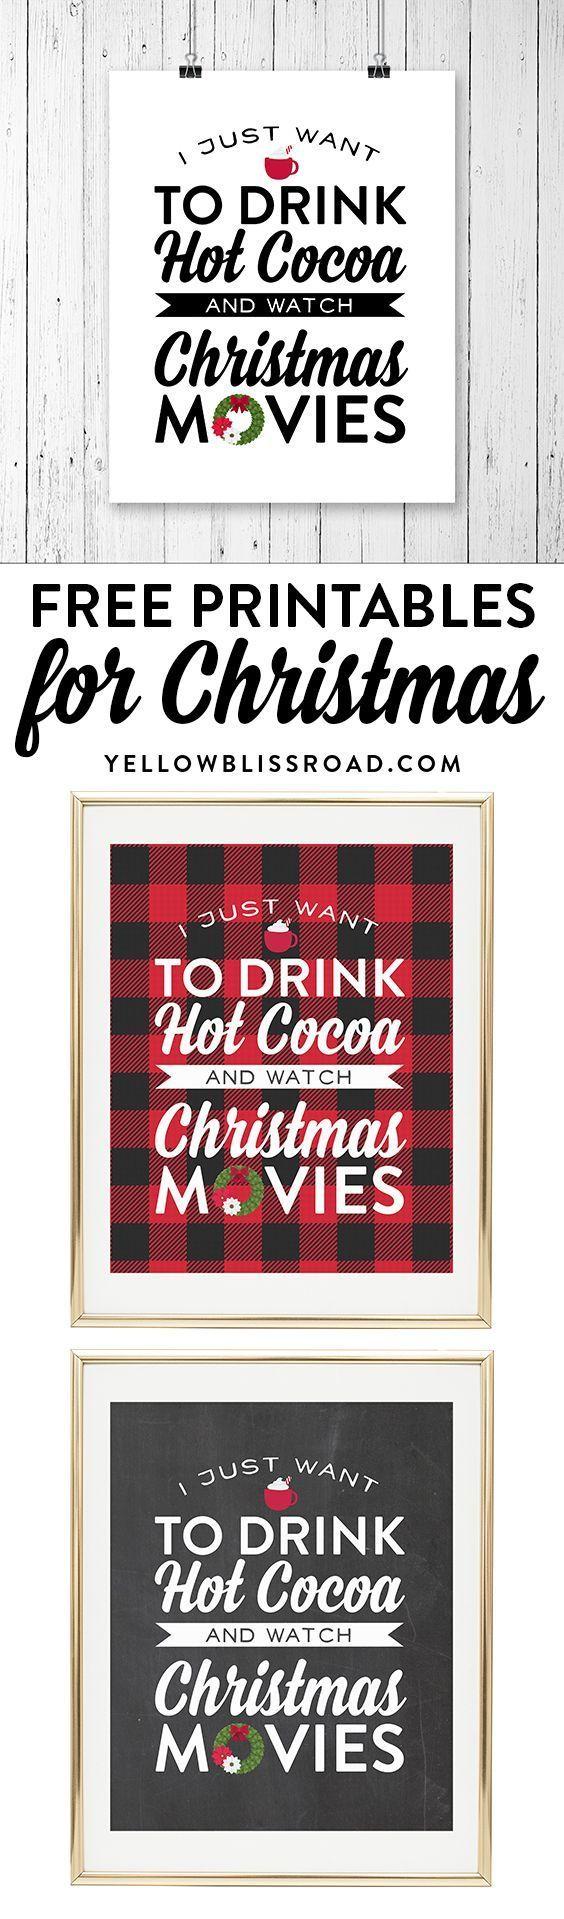 Free Printable for Christmas Movie Night!